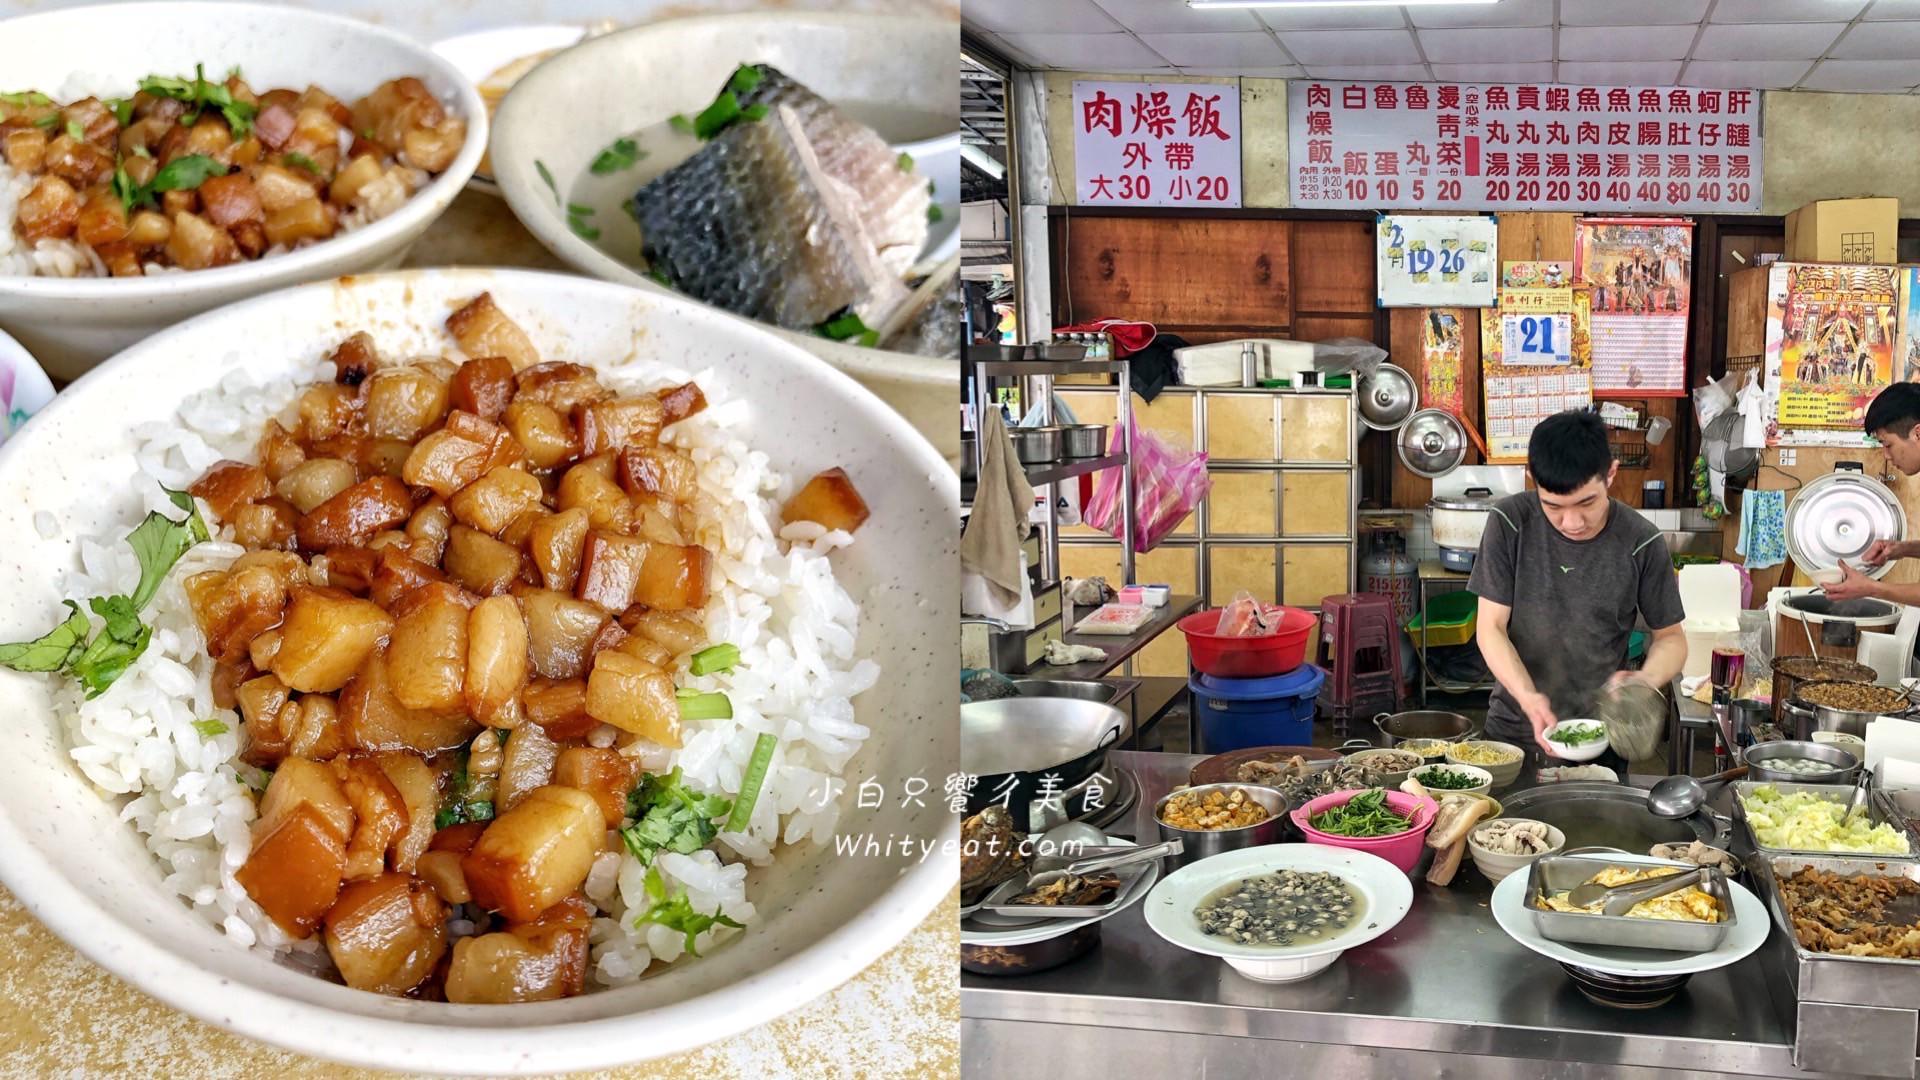 【台南美食】早上六點就開的國榮肉燥飯!百元就能吃飽飽的古早味老店 台南中西區 台南宵夜